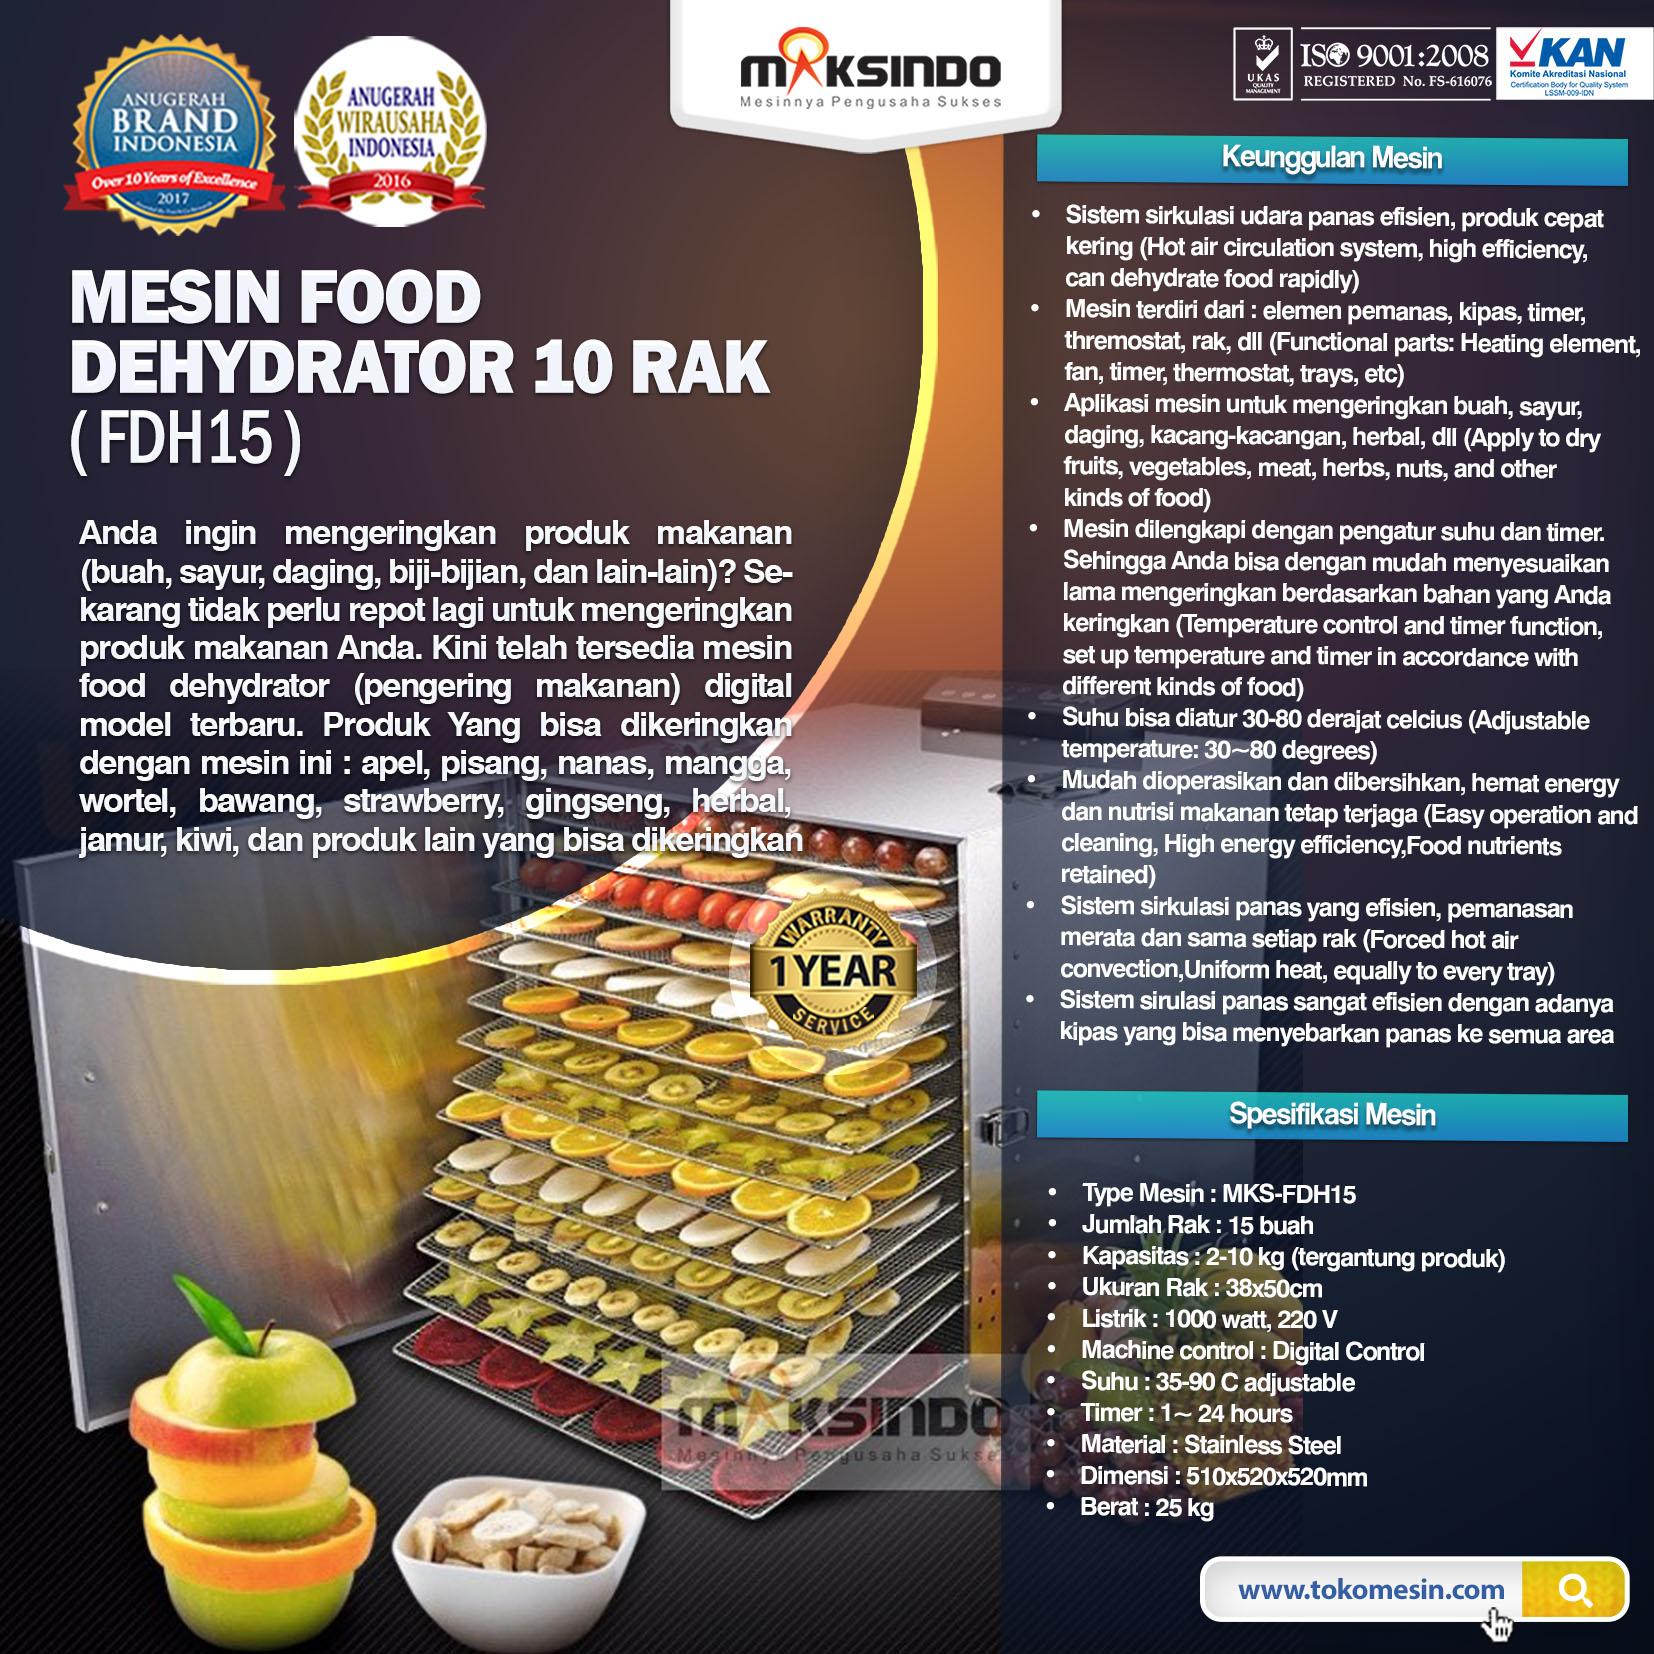 Jual Mesin Food Dehydrator 15 Rak (FDH15) di Blitar